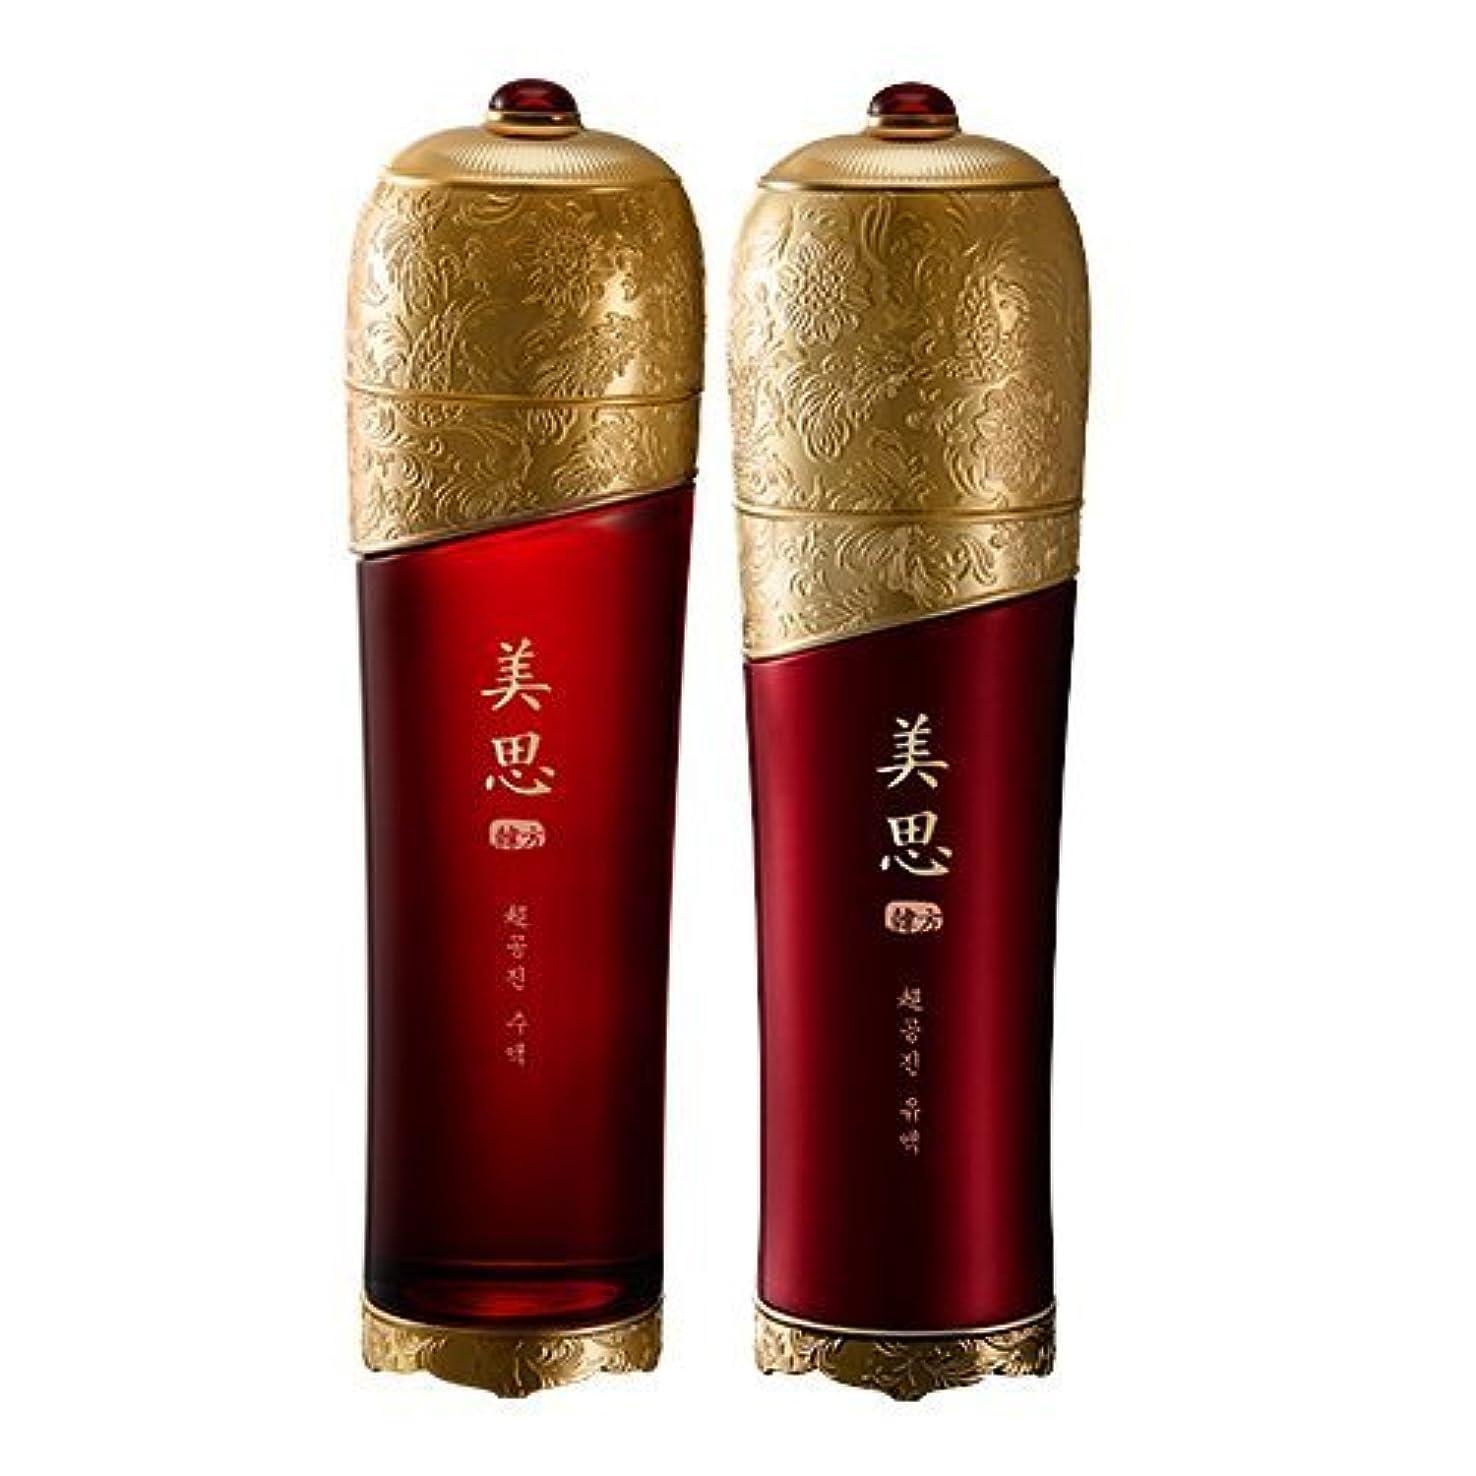 悪魔解凍する、雪解け、霜解け食品MISSHA(ミシャ) 美思 韓方 チョゴンジン 基礎化粧品 スキンケア 化粧水+乳液=お得2種Set